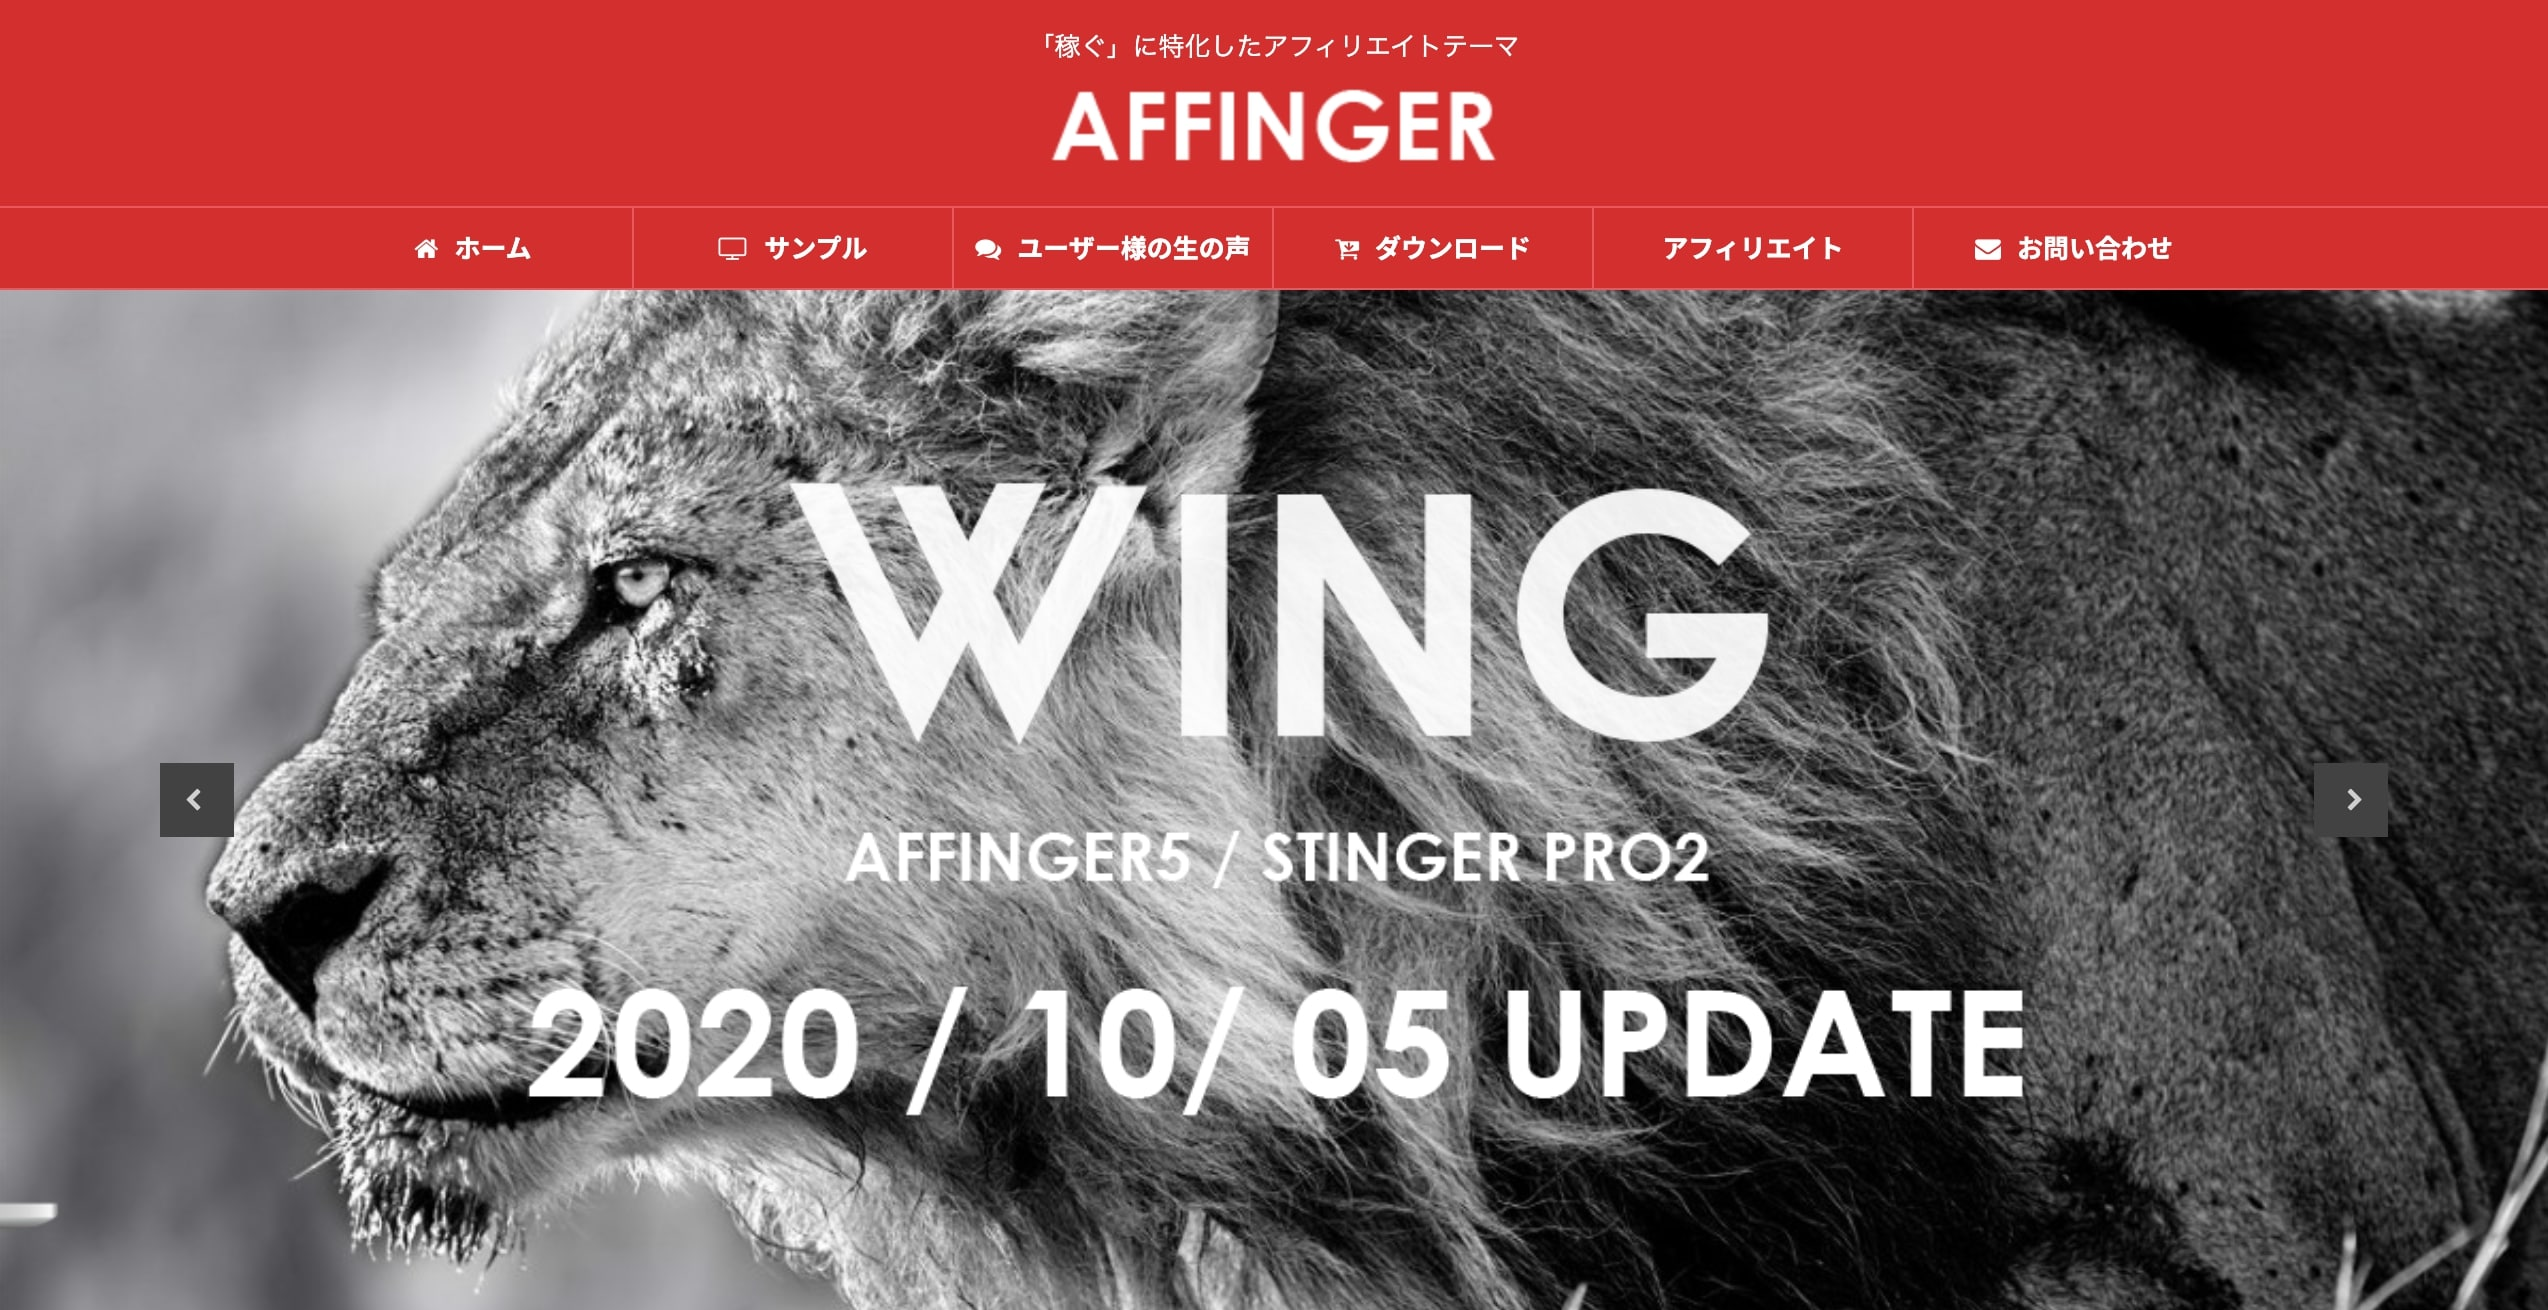 AFFINGER5でプロエンジニア並のブログデザインを実現